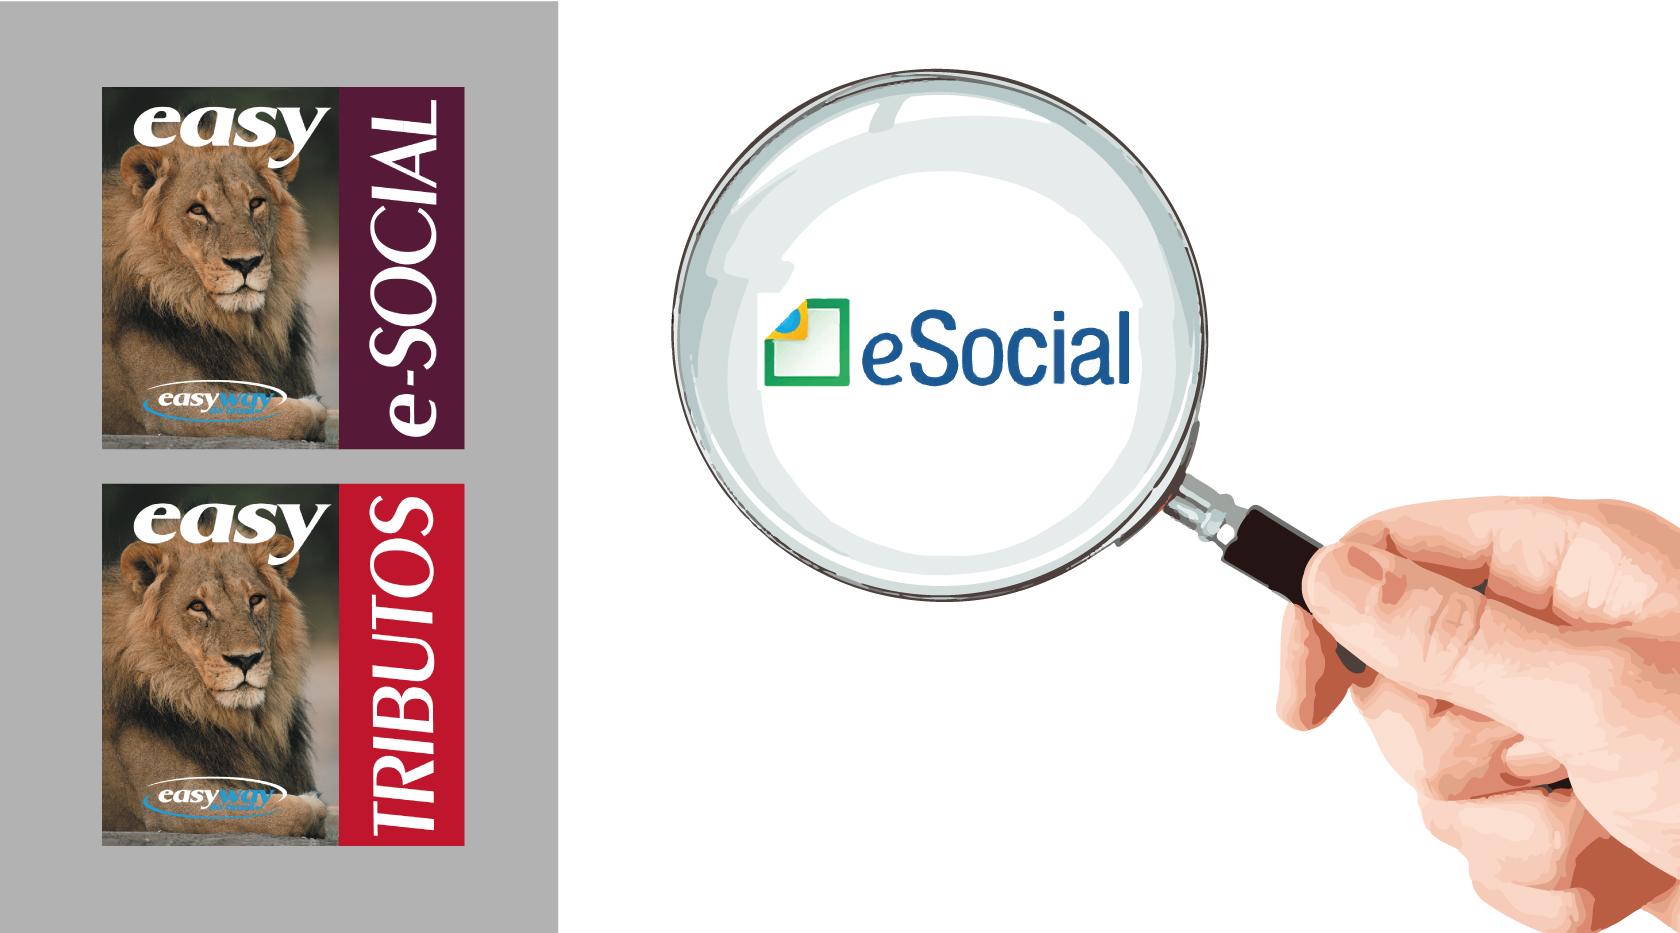 Leiaute simplificado do eSocial começa a fase de testes